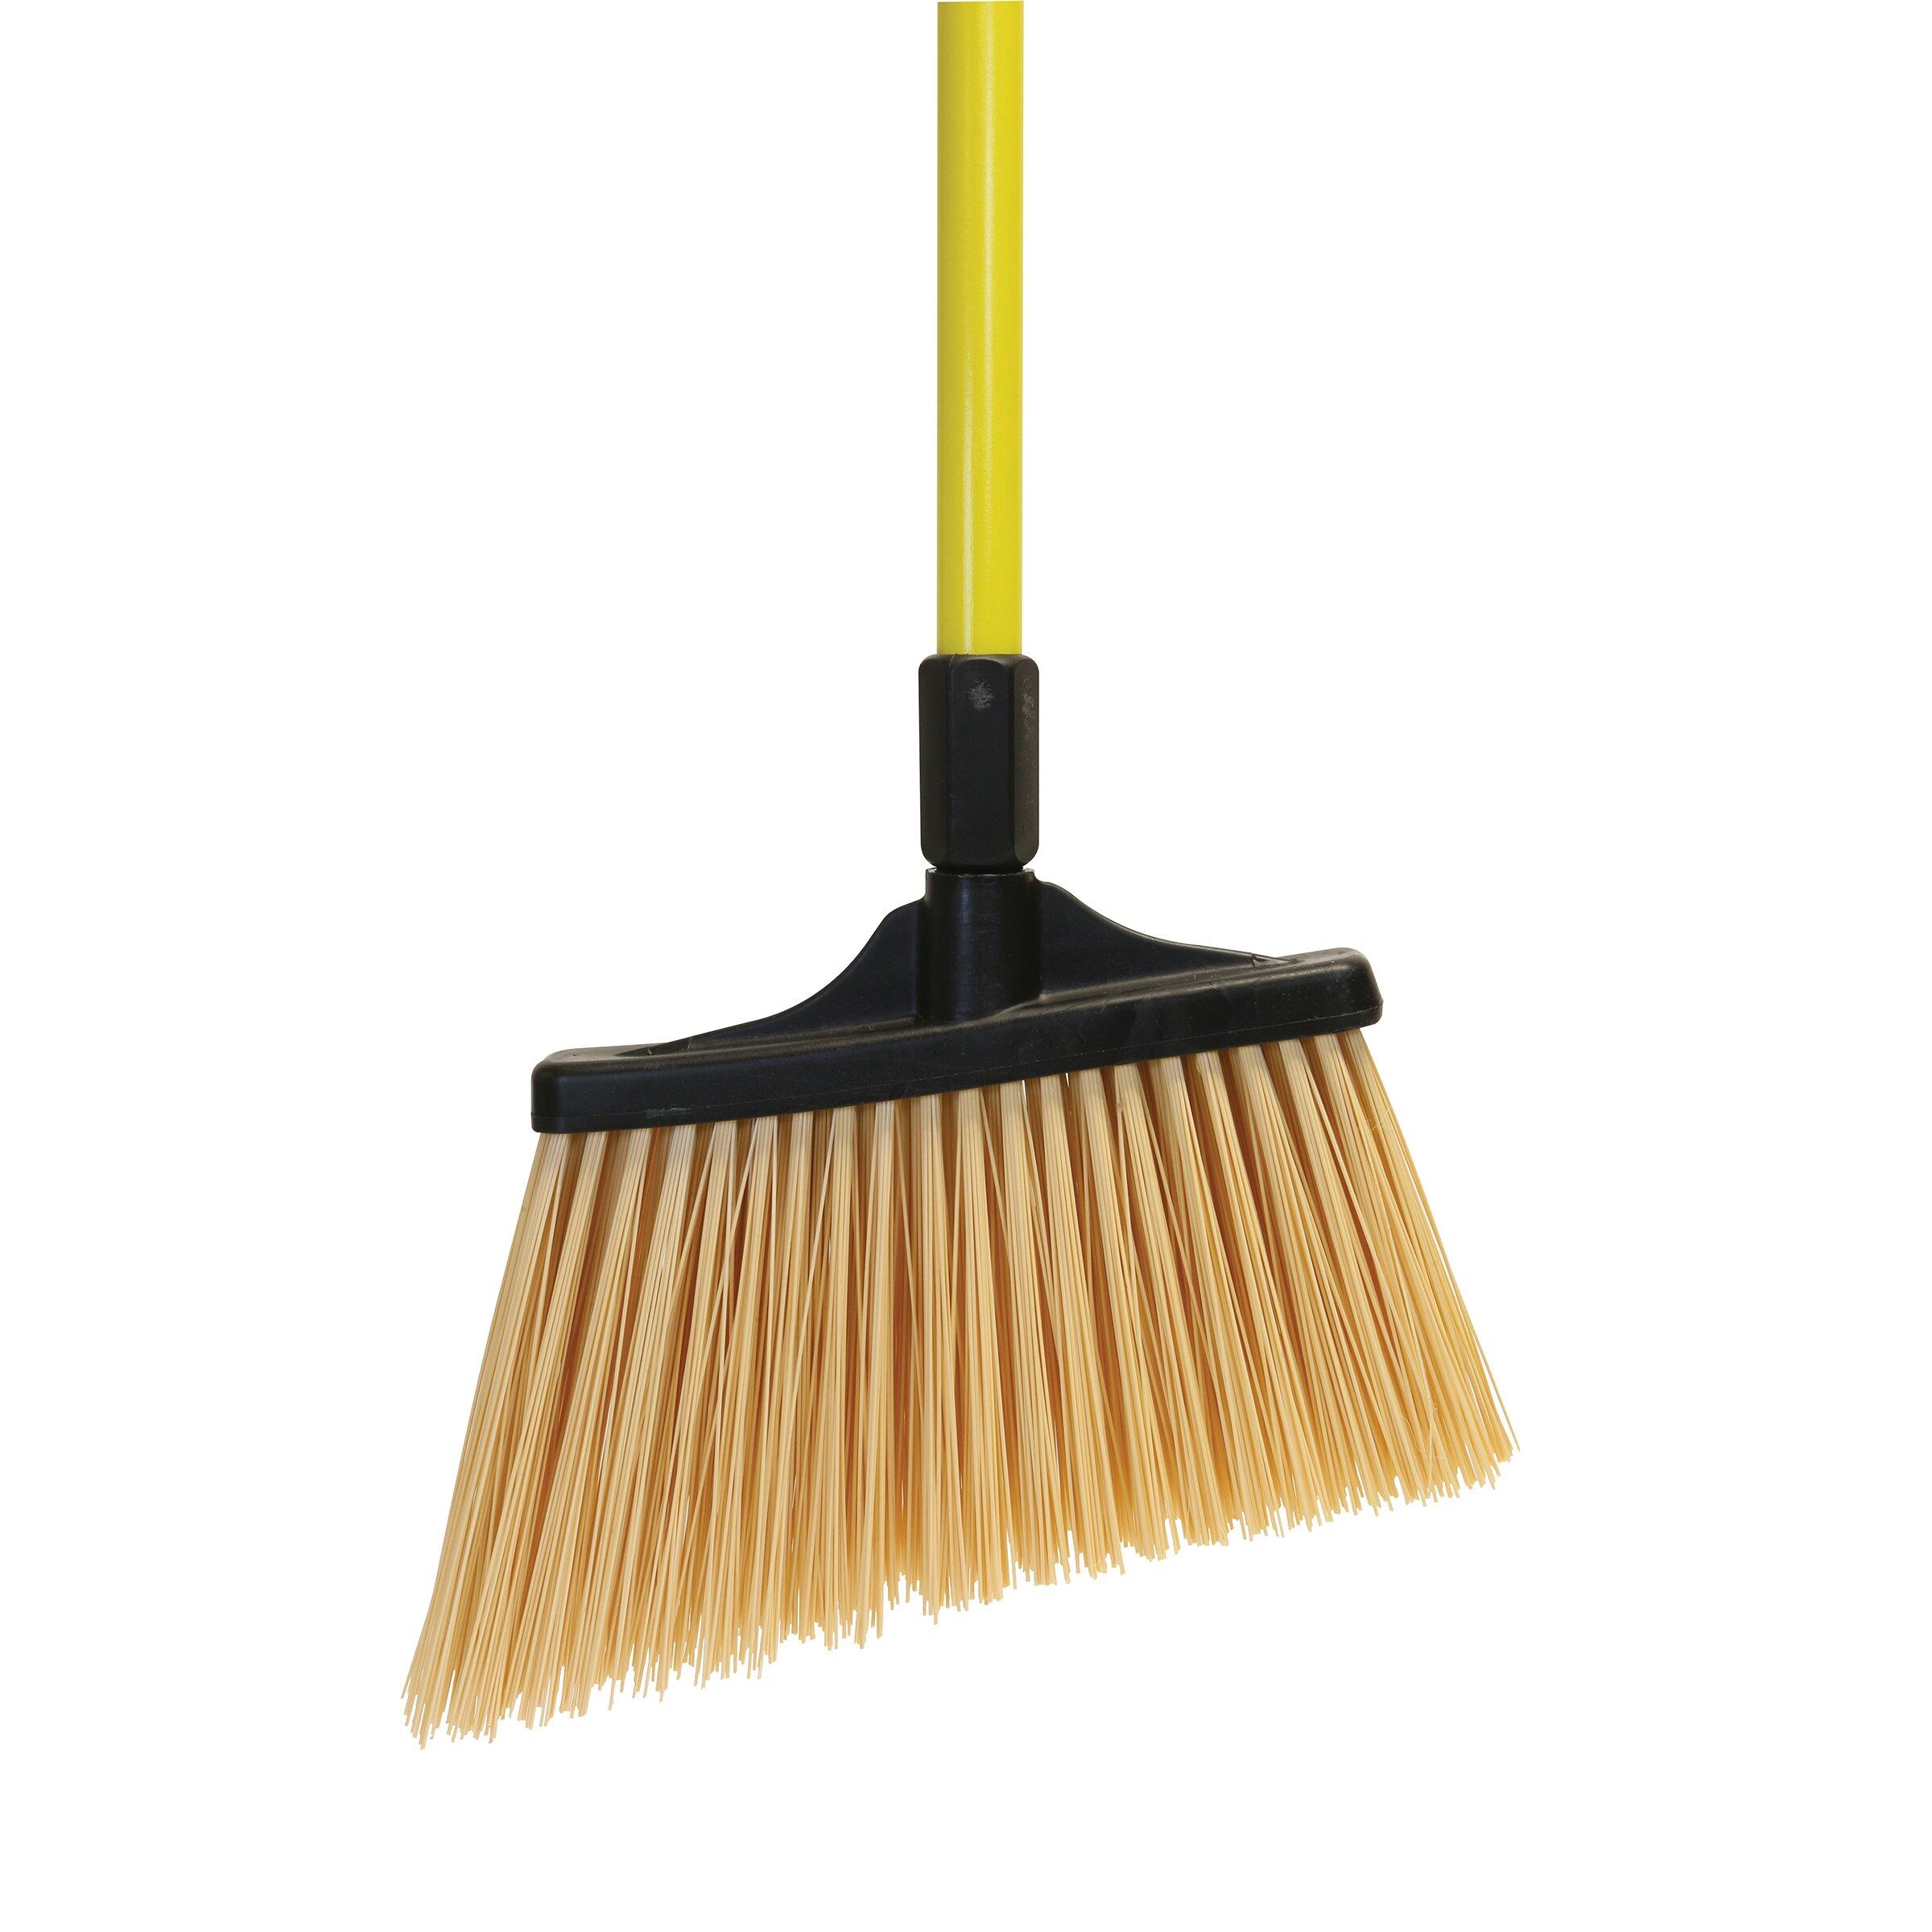 O Cedar Commercial Maxisweep Angle Broom Wayfair